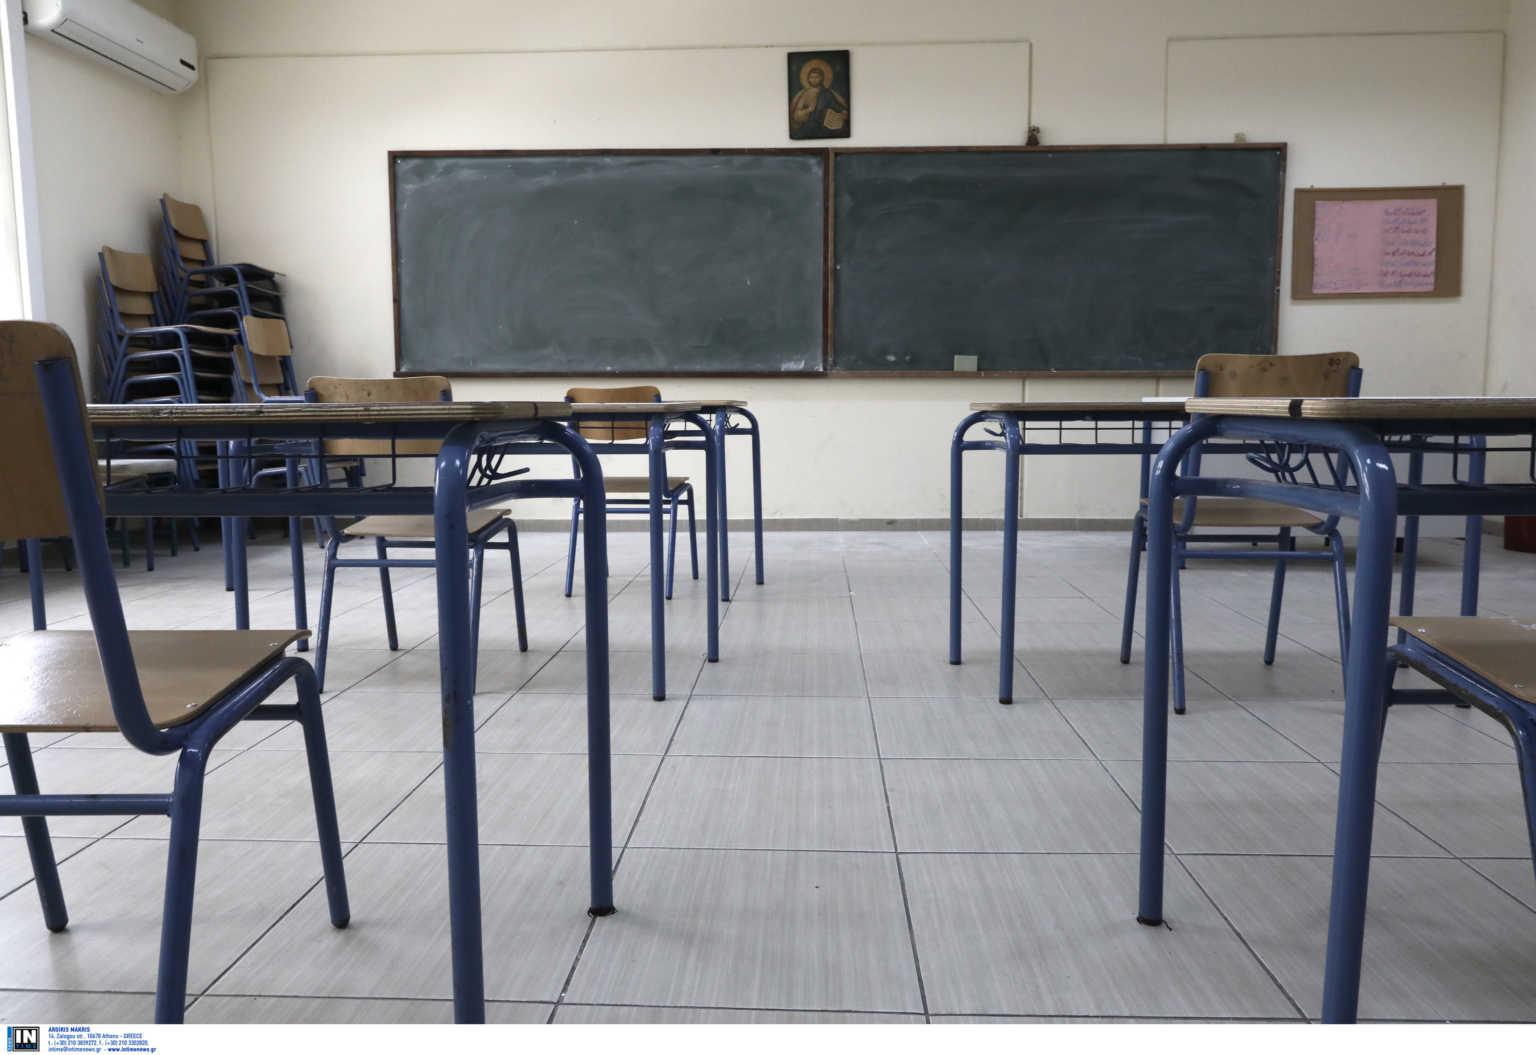 Κρούσματα κορονοϊού σε λύκειο στην Καισαριανή – Κλείνει για 10 μέρες